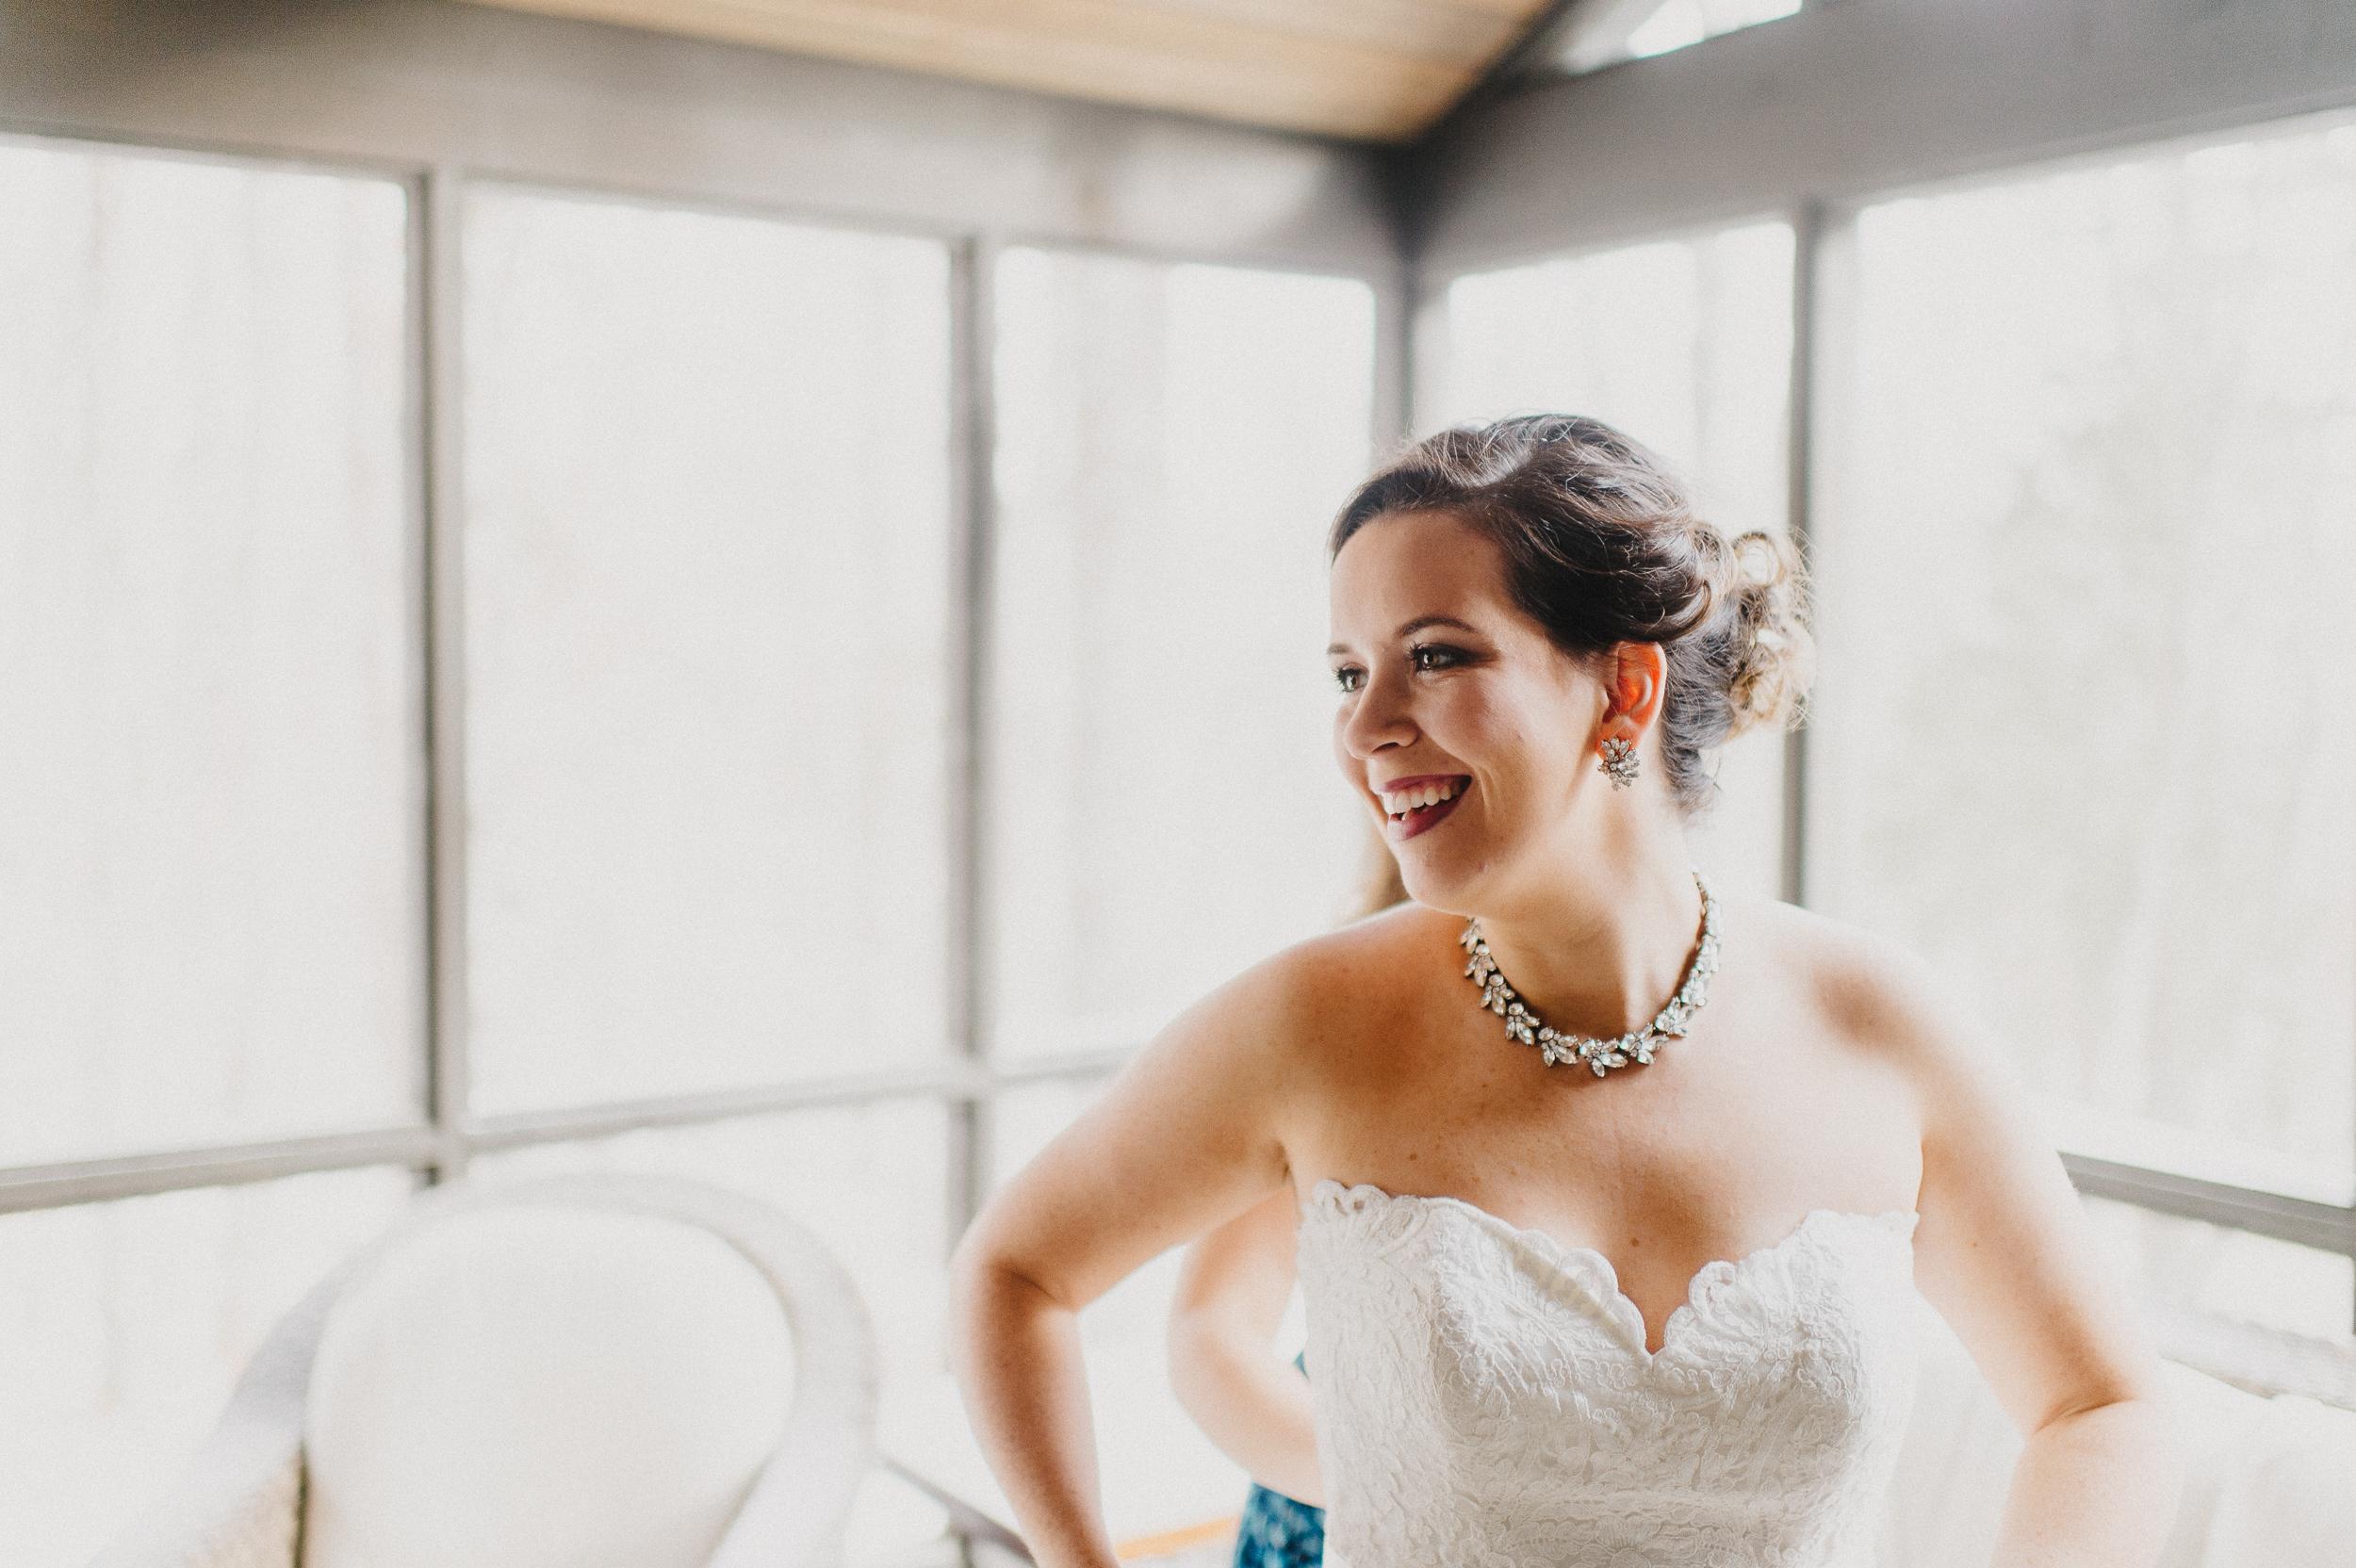 vermont-destination-wedding-photographer-15.jpg